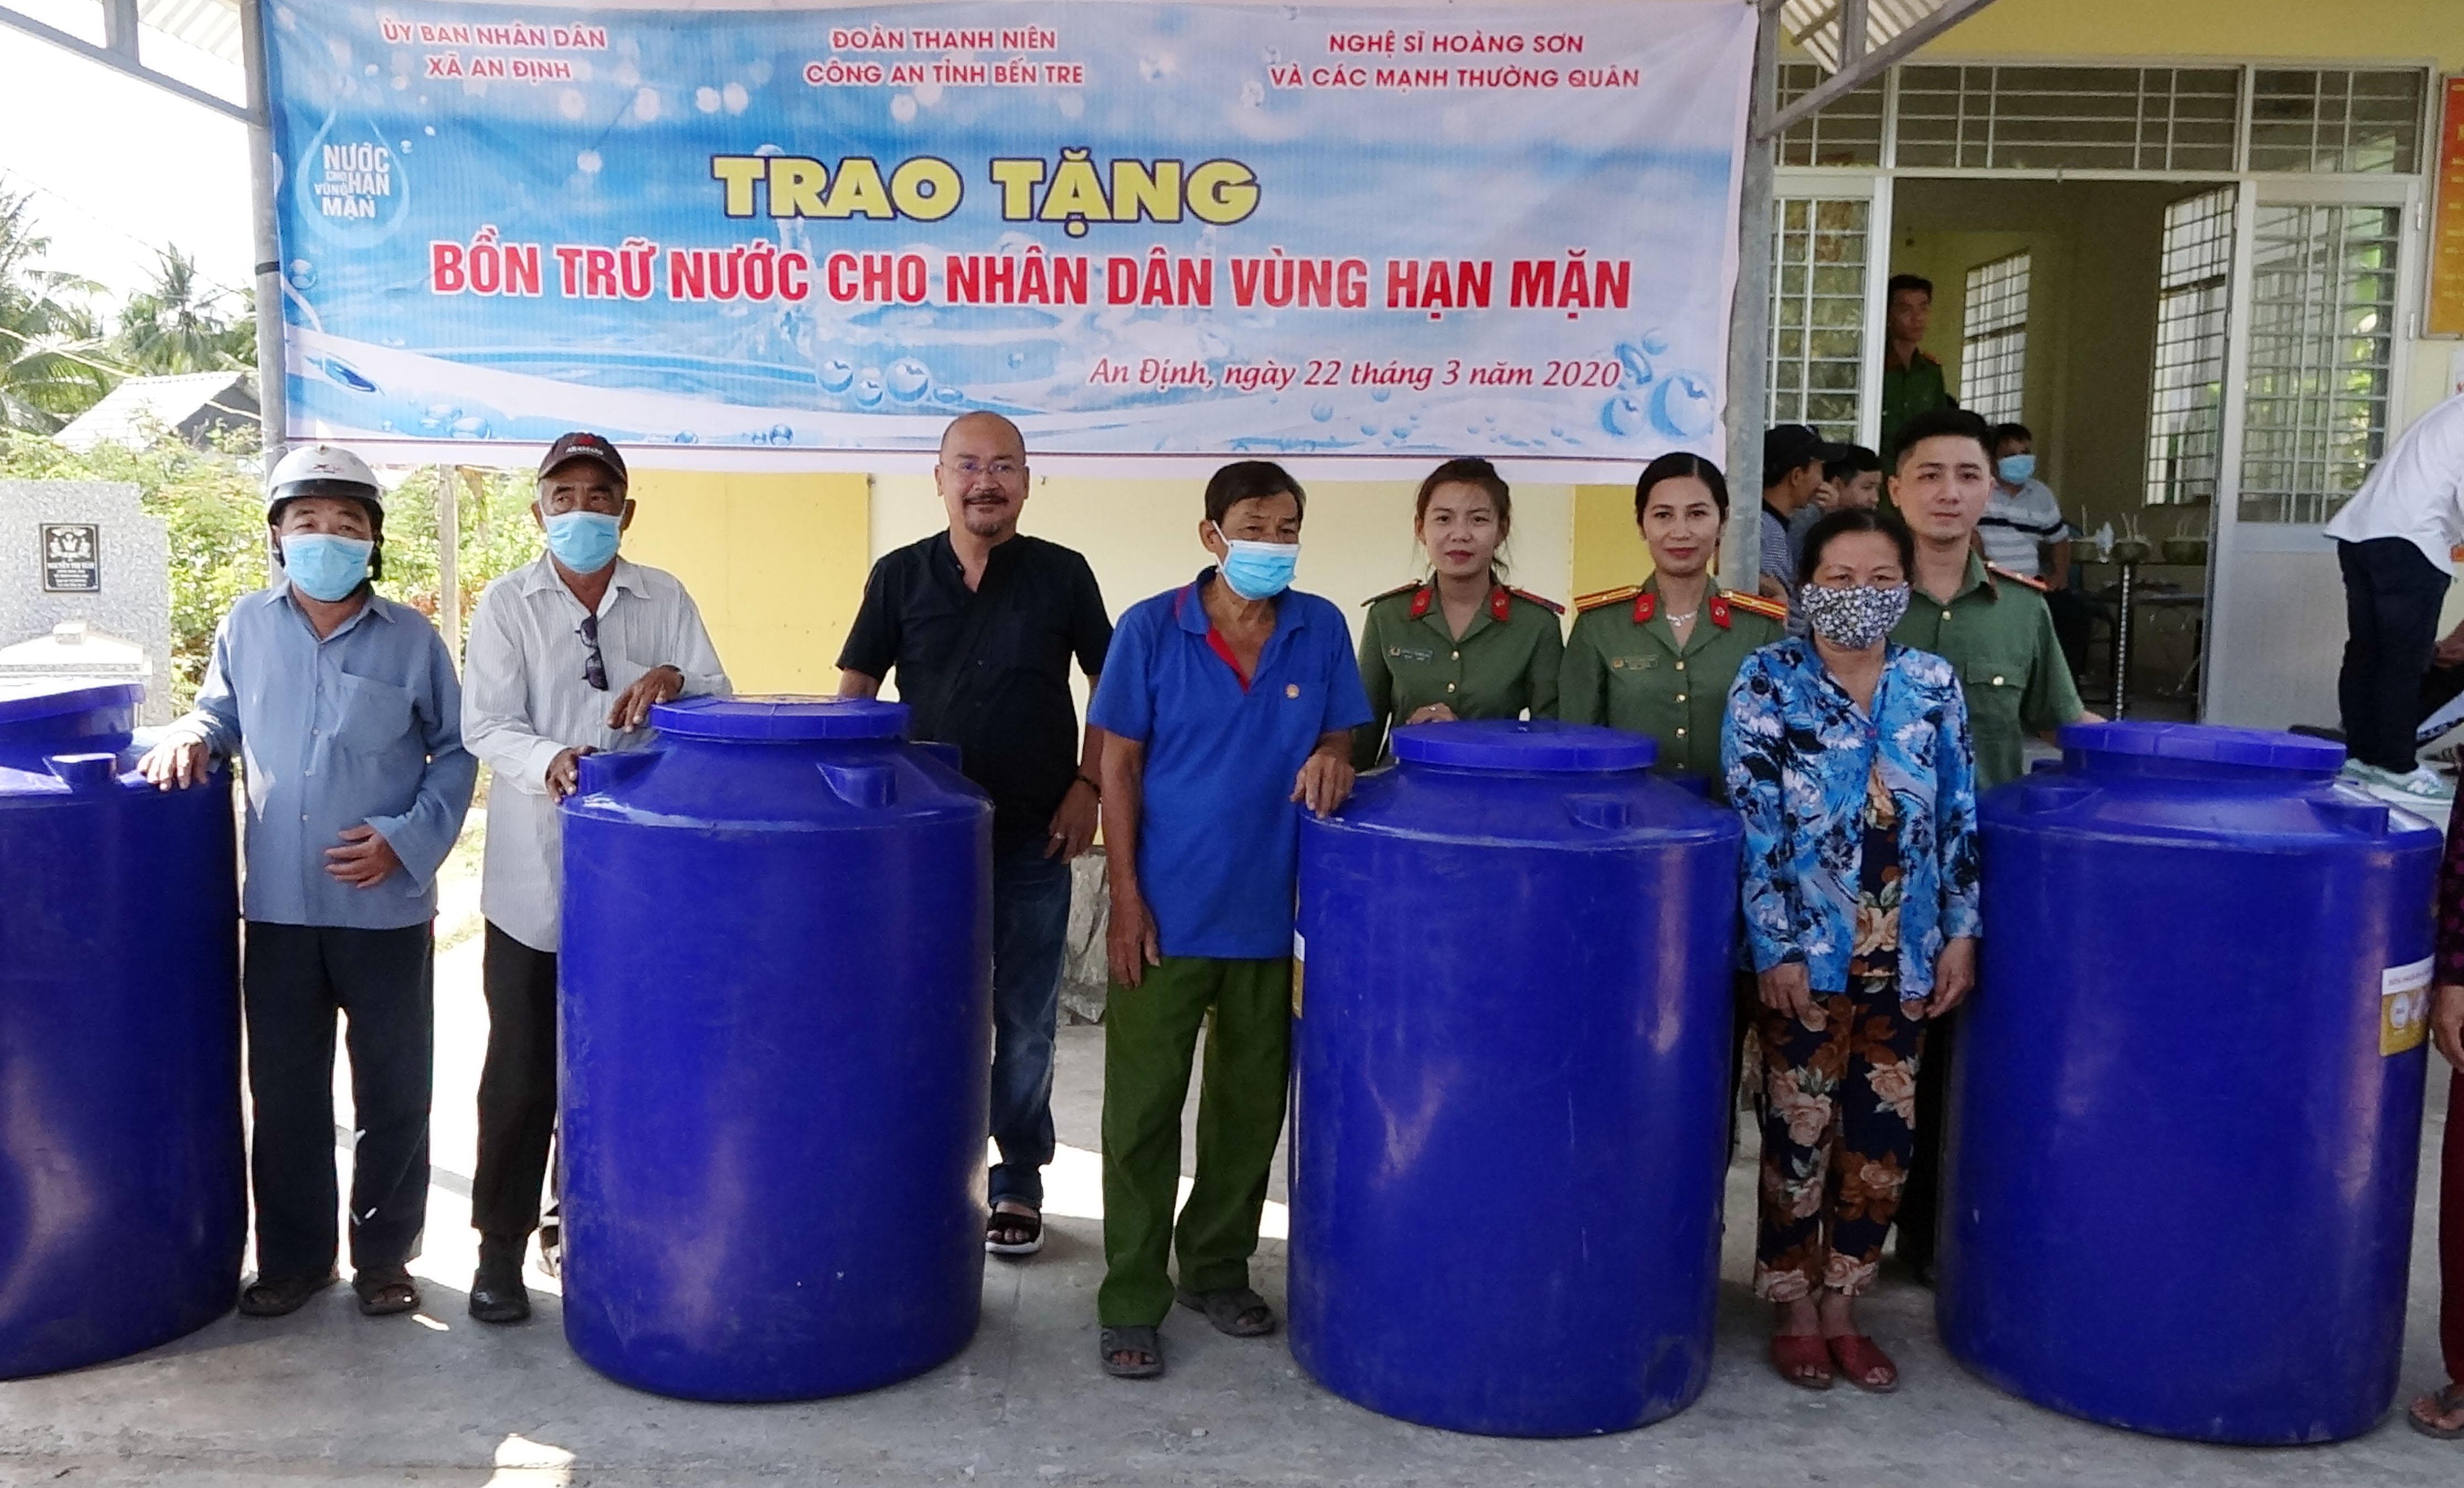 Công an Bến Tre tiếp tục hỗ trợ nước ngọt cho người dân